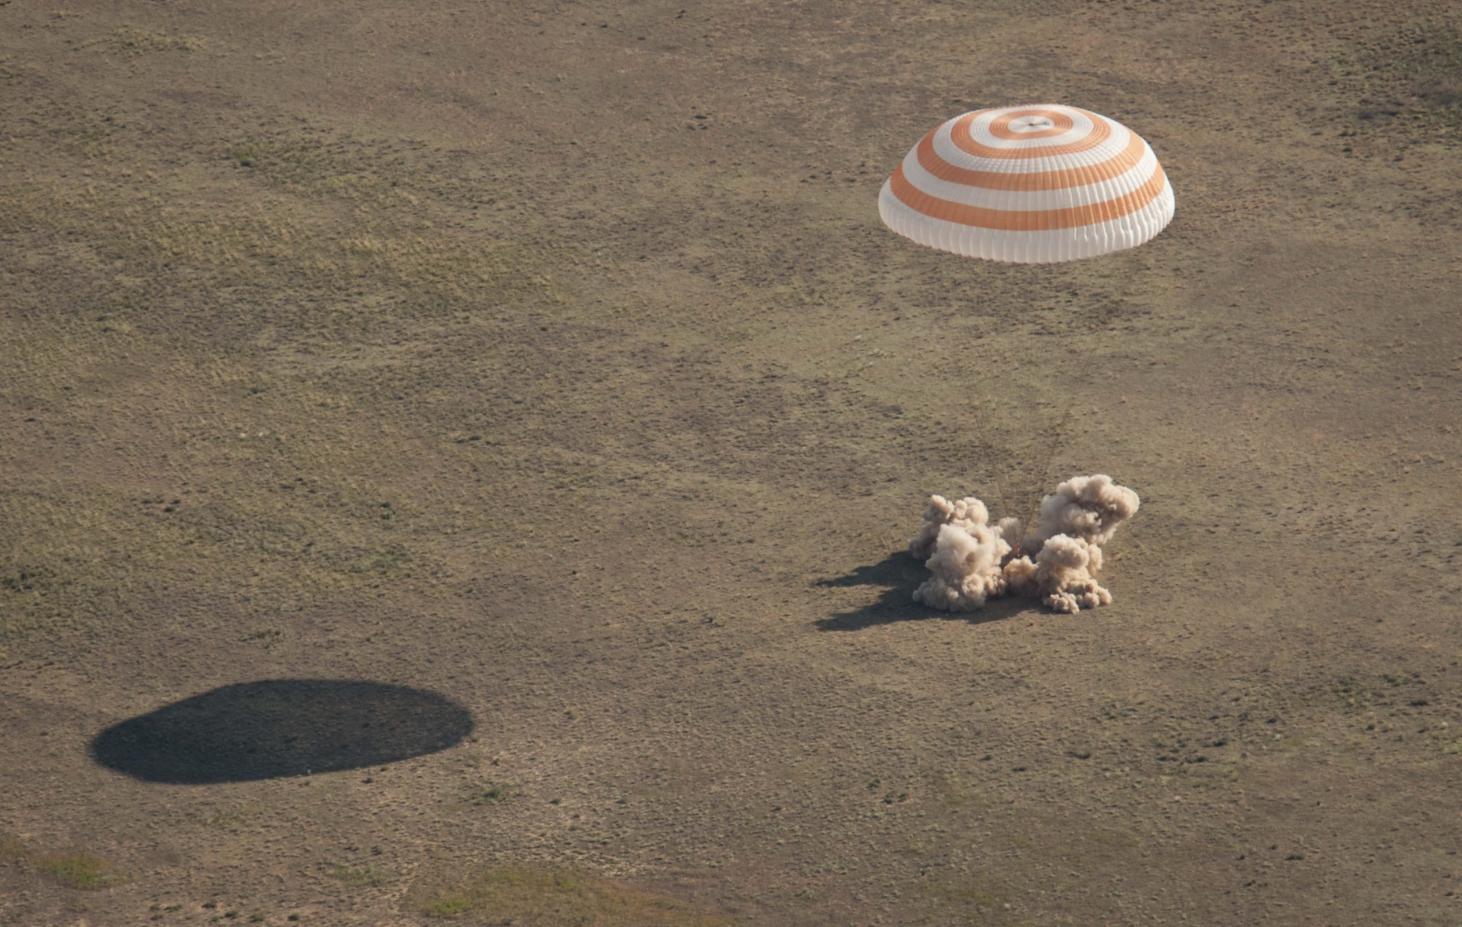 لحظة وصول رواد الفضاء إلى الأرض